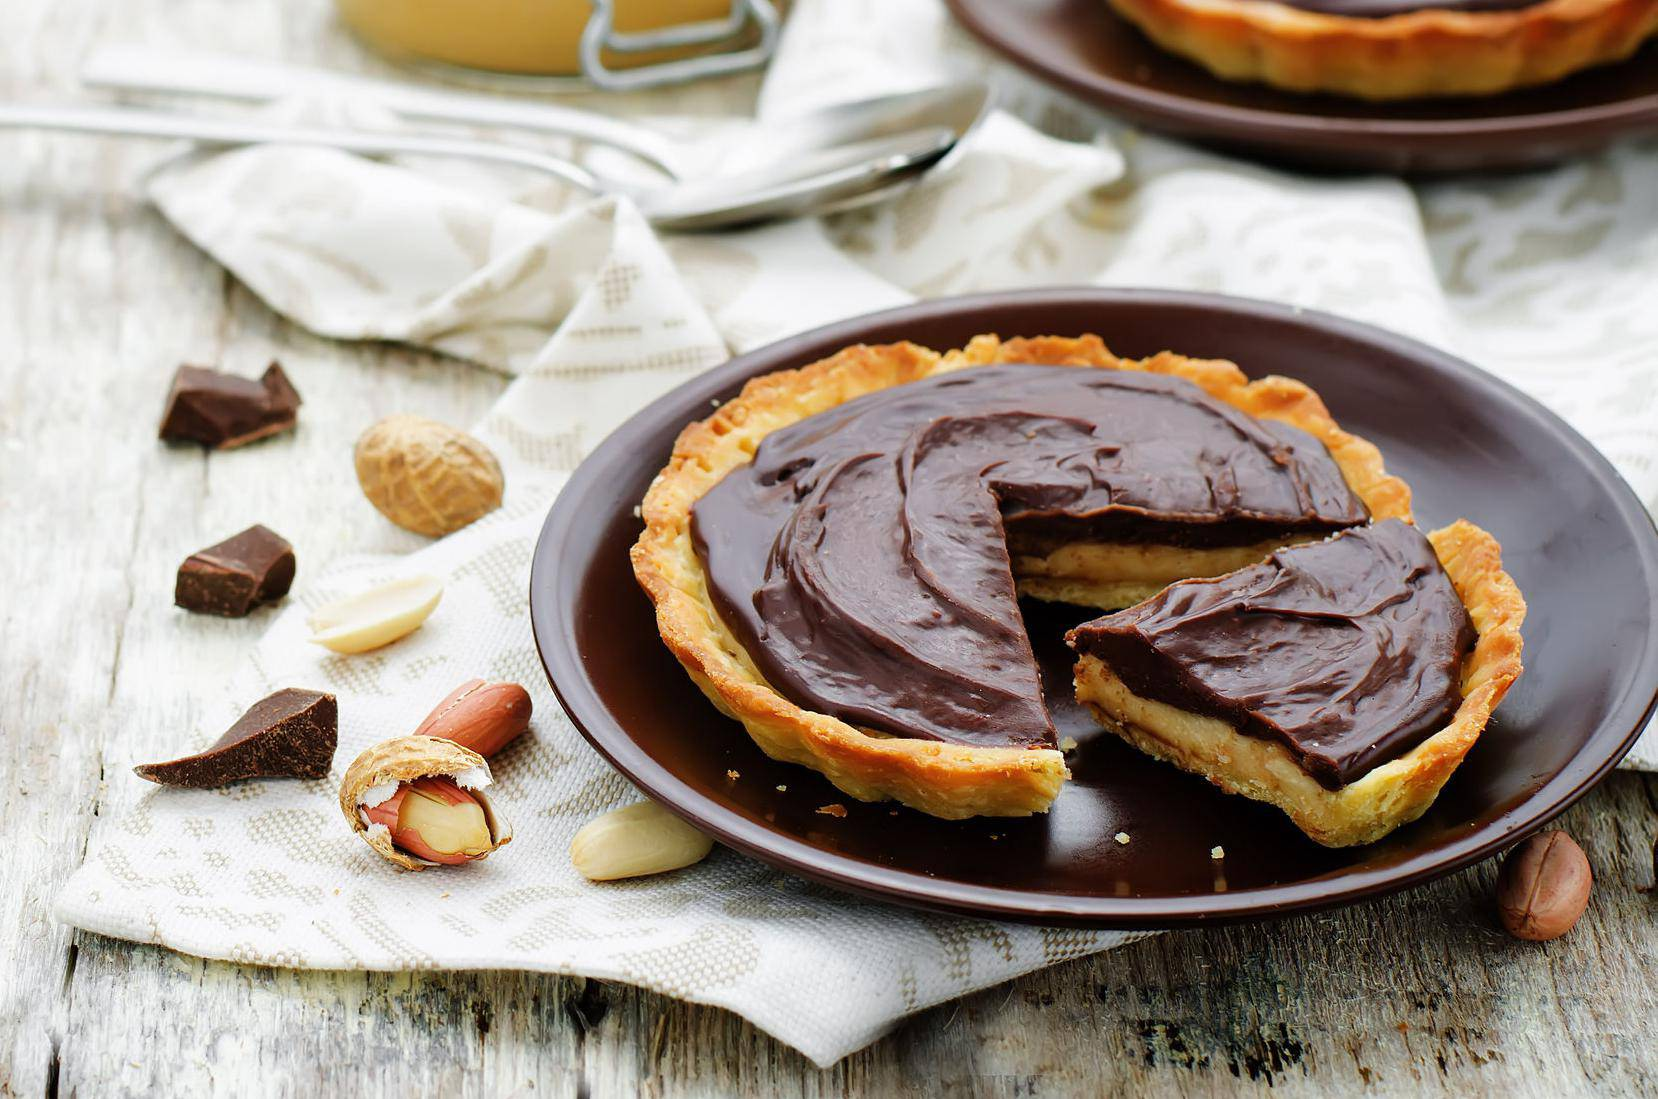 Prhki kolači od kikiriki maslaca preliveni crnom čokoladom